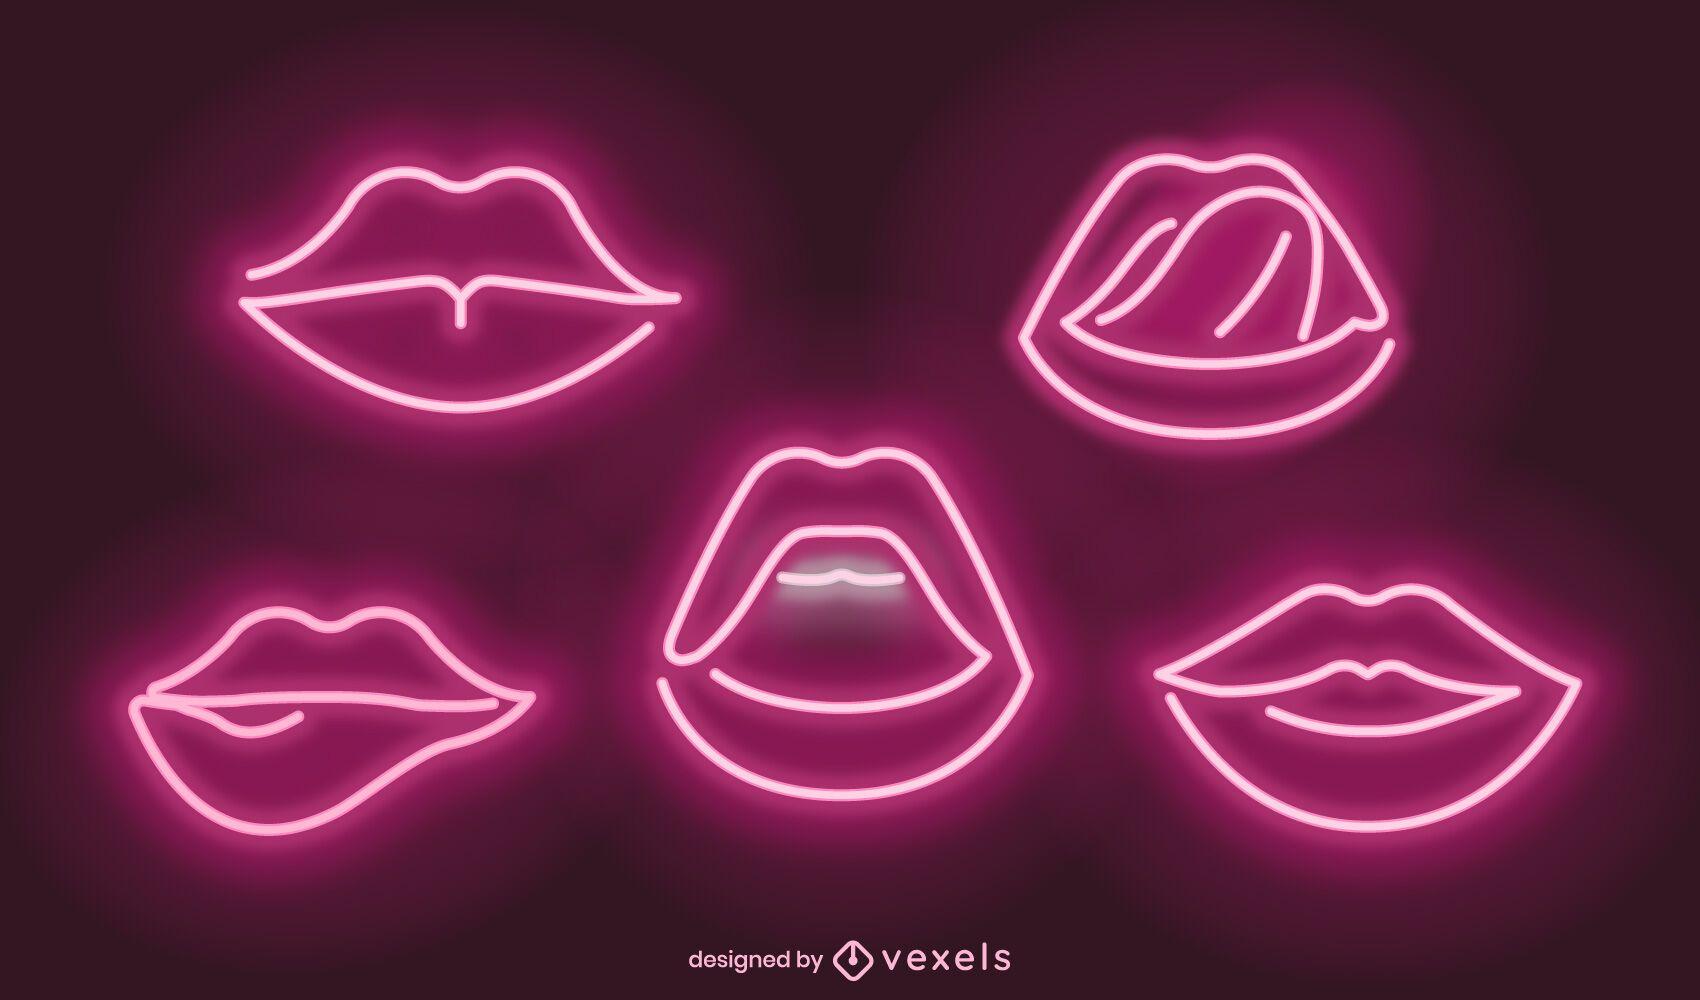 Neon lips illustration set